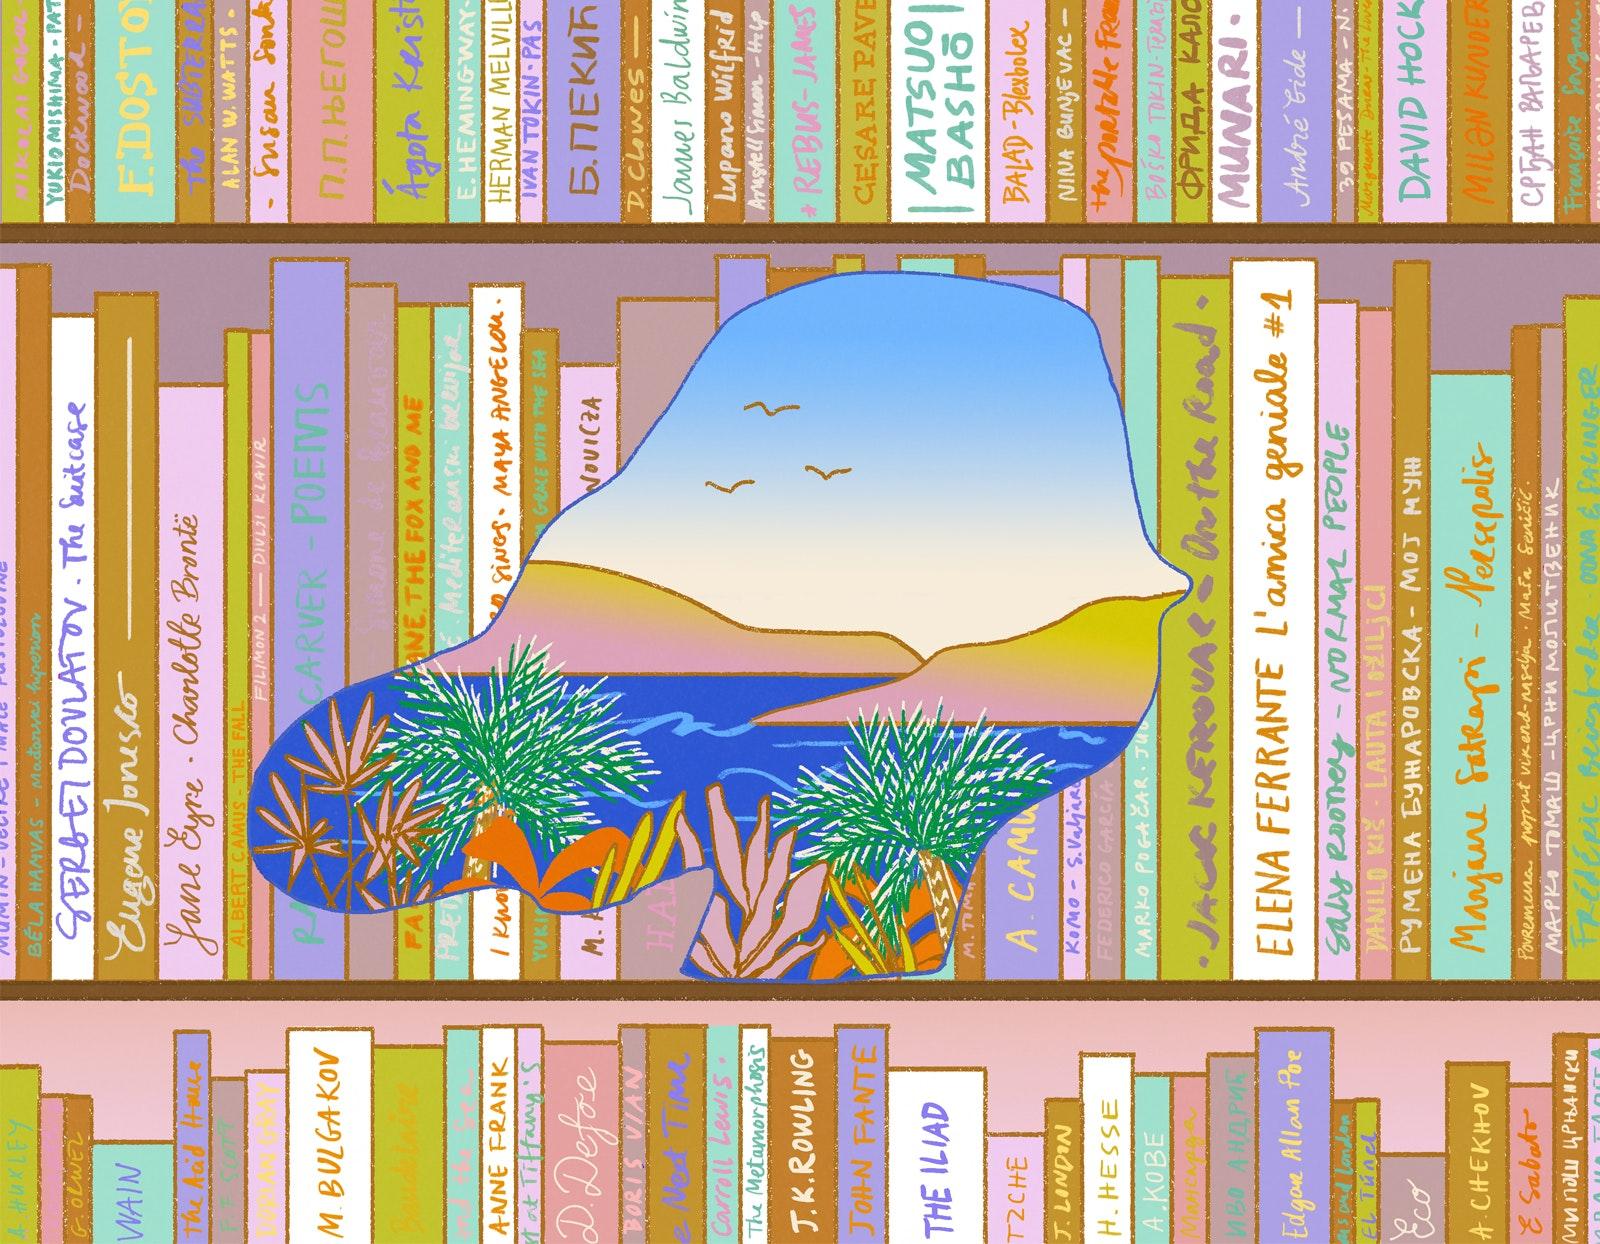 MILICA GOLUBOVIC - Bookescaping web 2